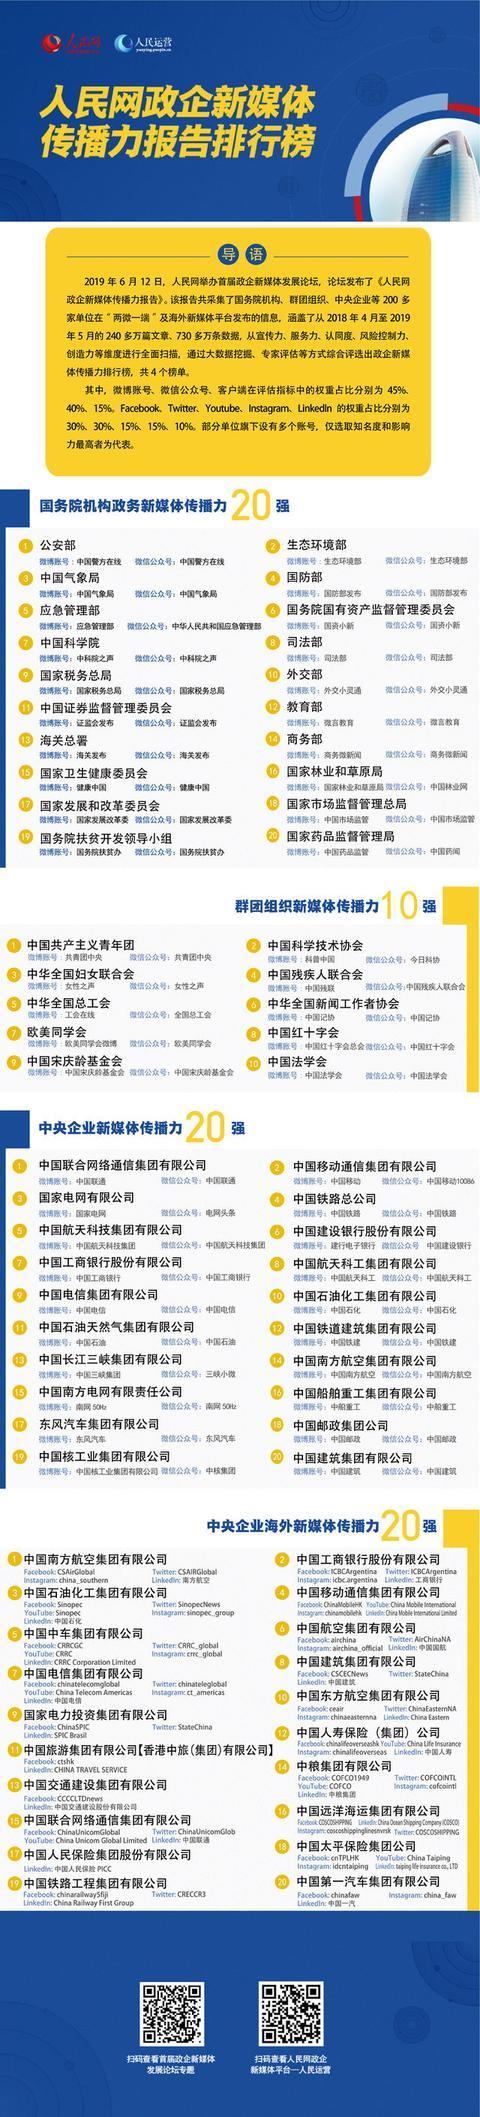 微博账号共青团中央位列群团组织新媒体传播力第一